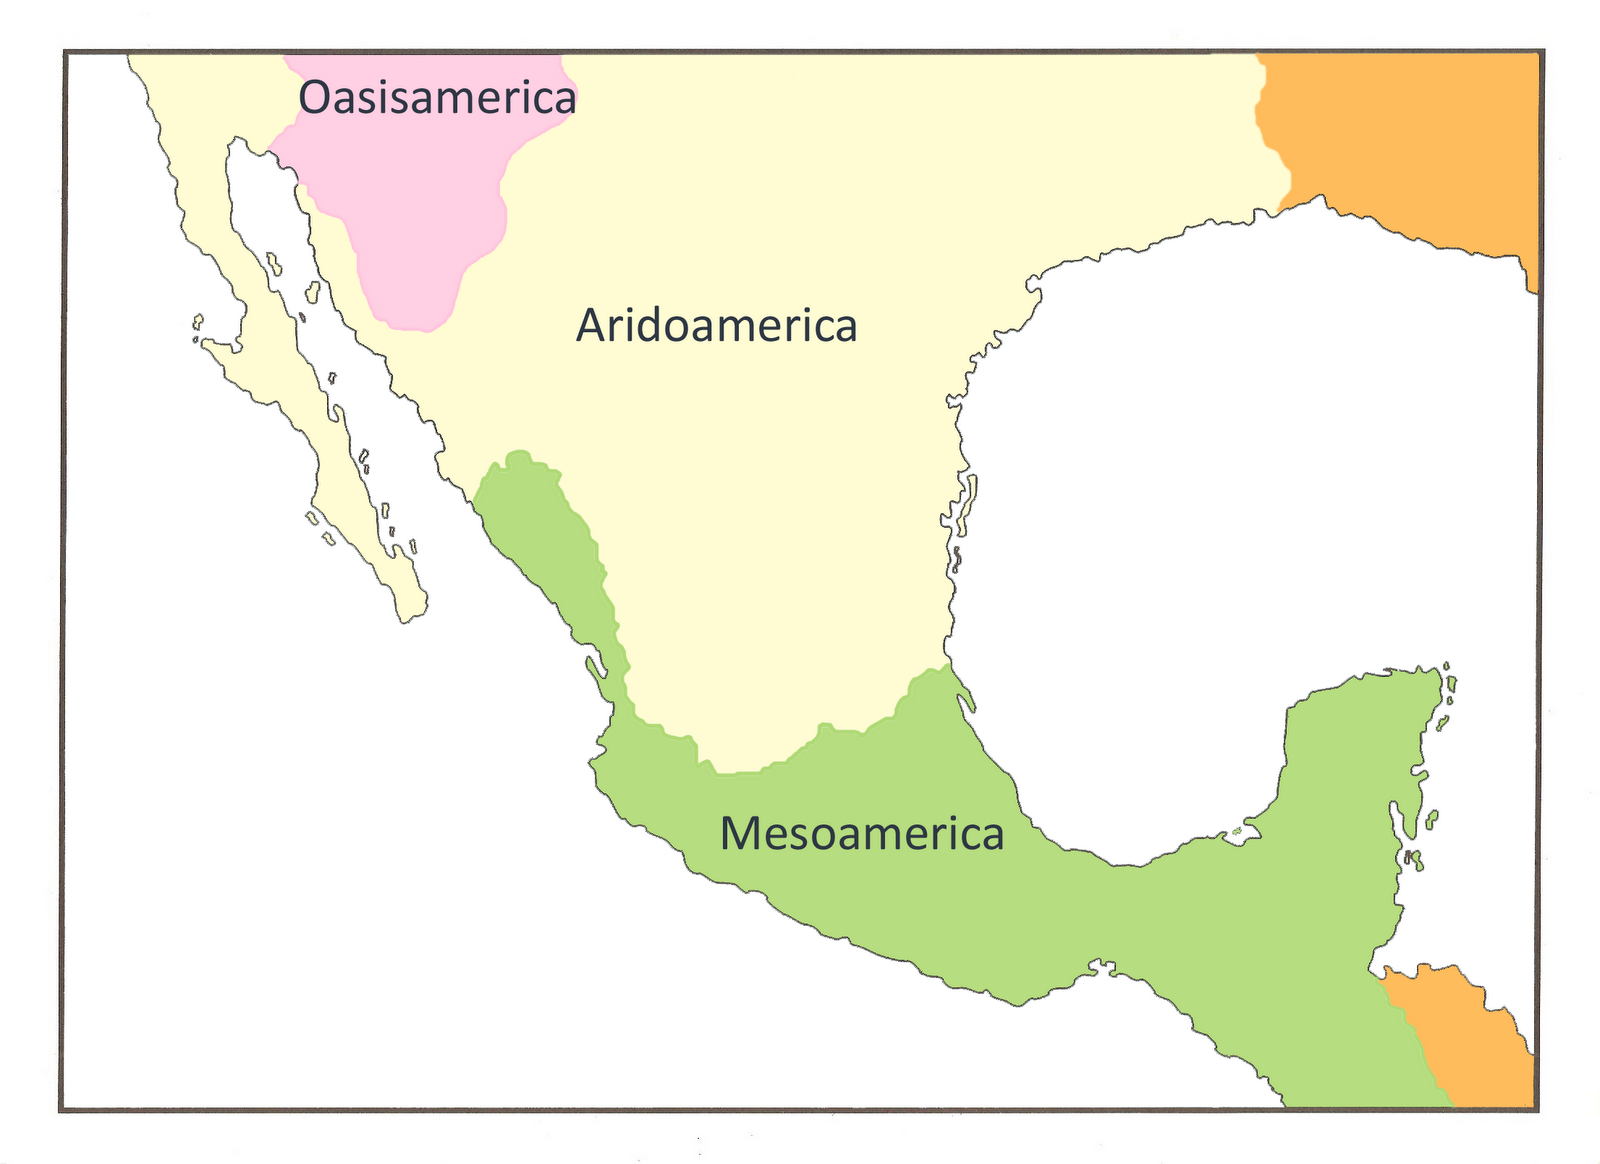 Caracteristicas de mesoamerica y aridoamerica yahoo dating